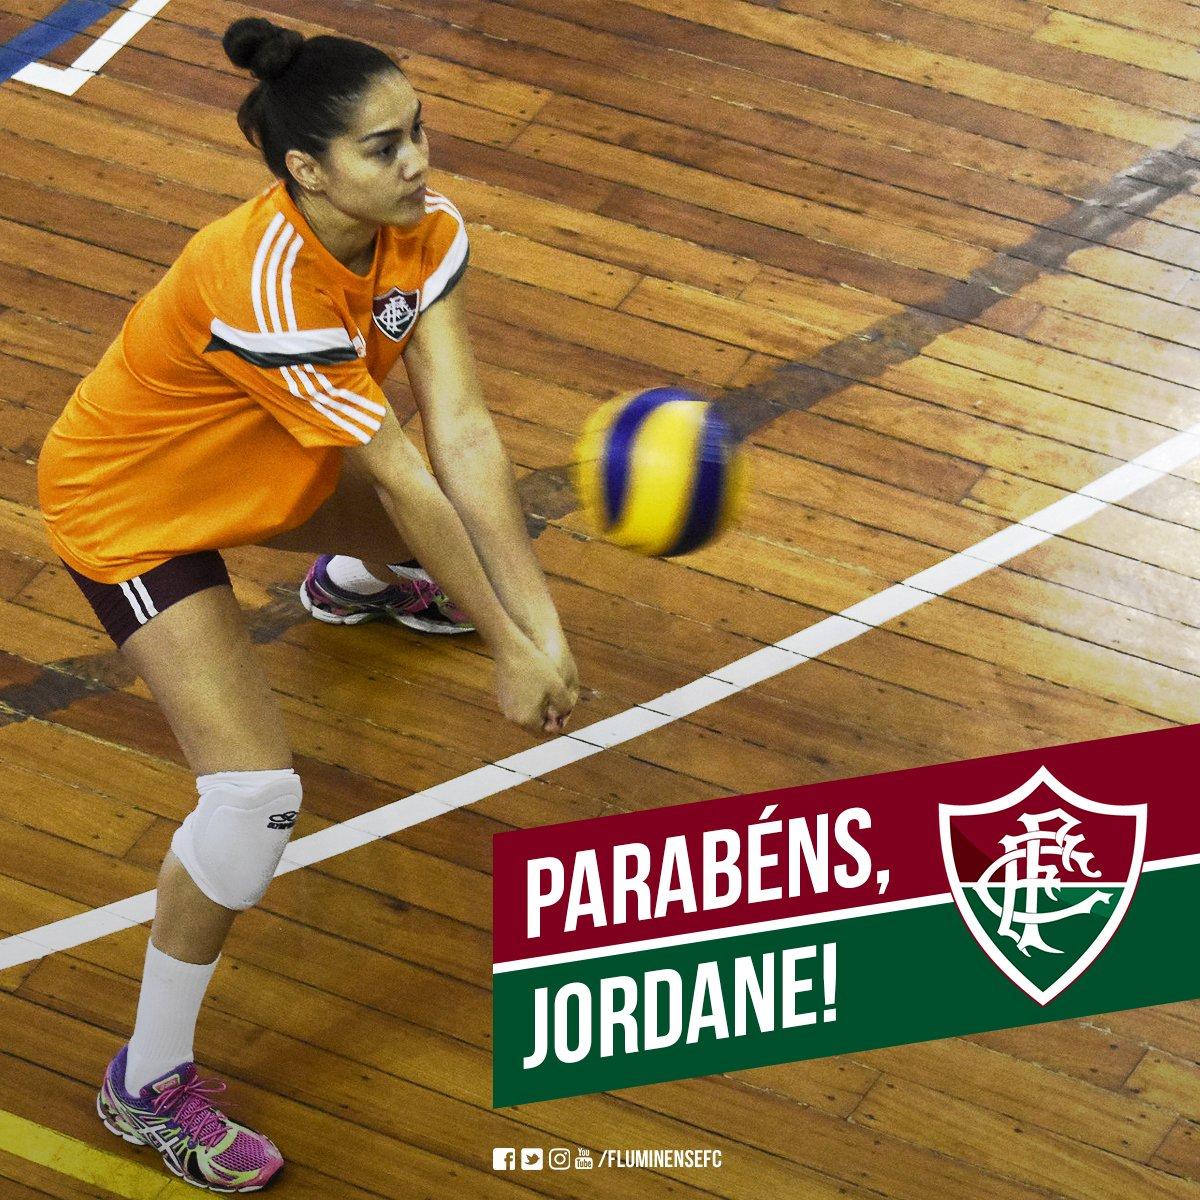 Hoje é aniversário da levantadora Jordane Tolentino! Parabéns, guerreira! #SomosFluminense